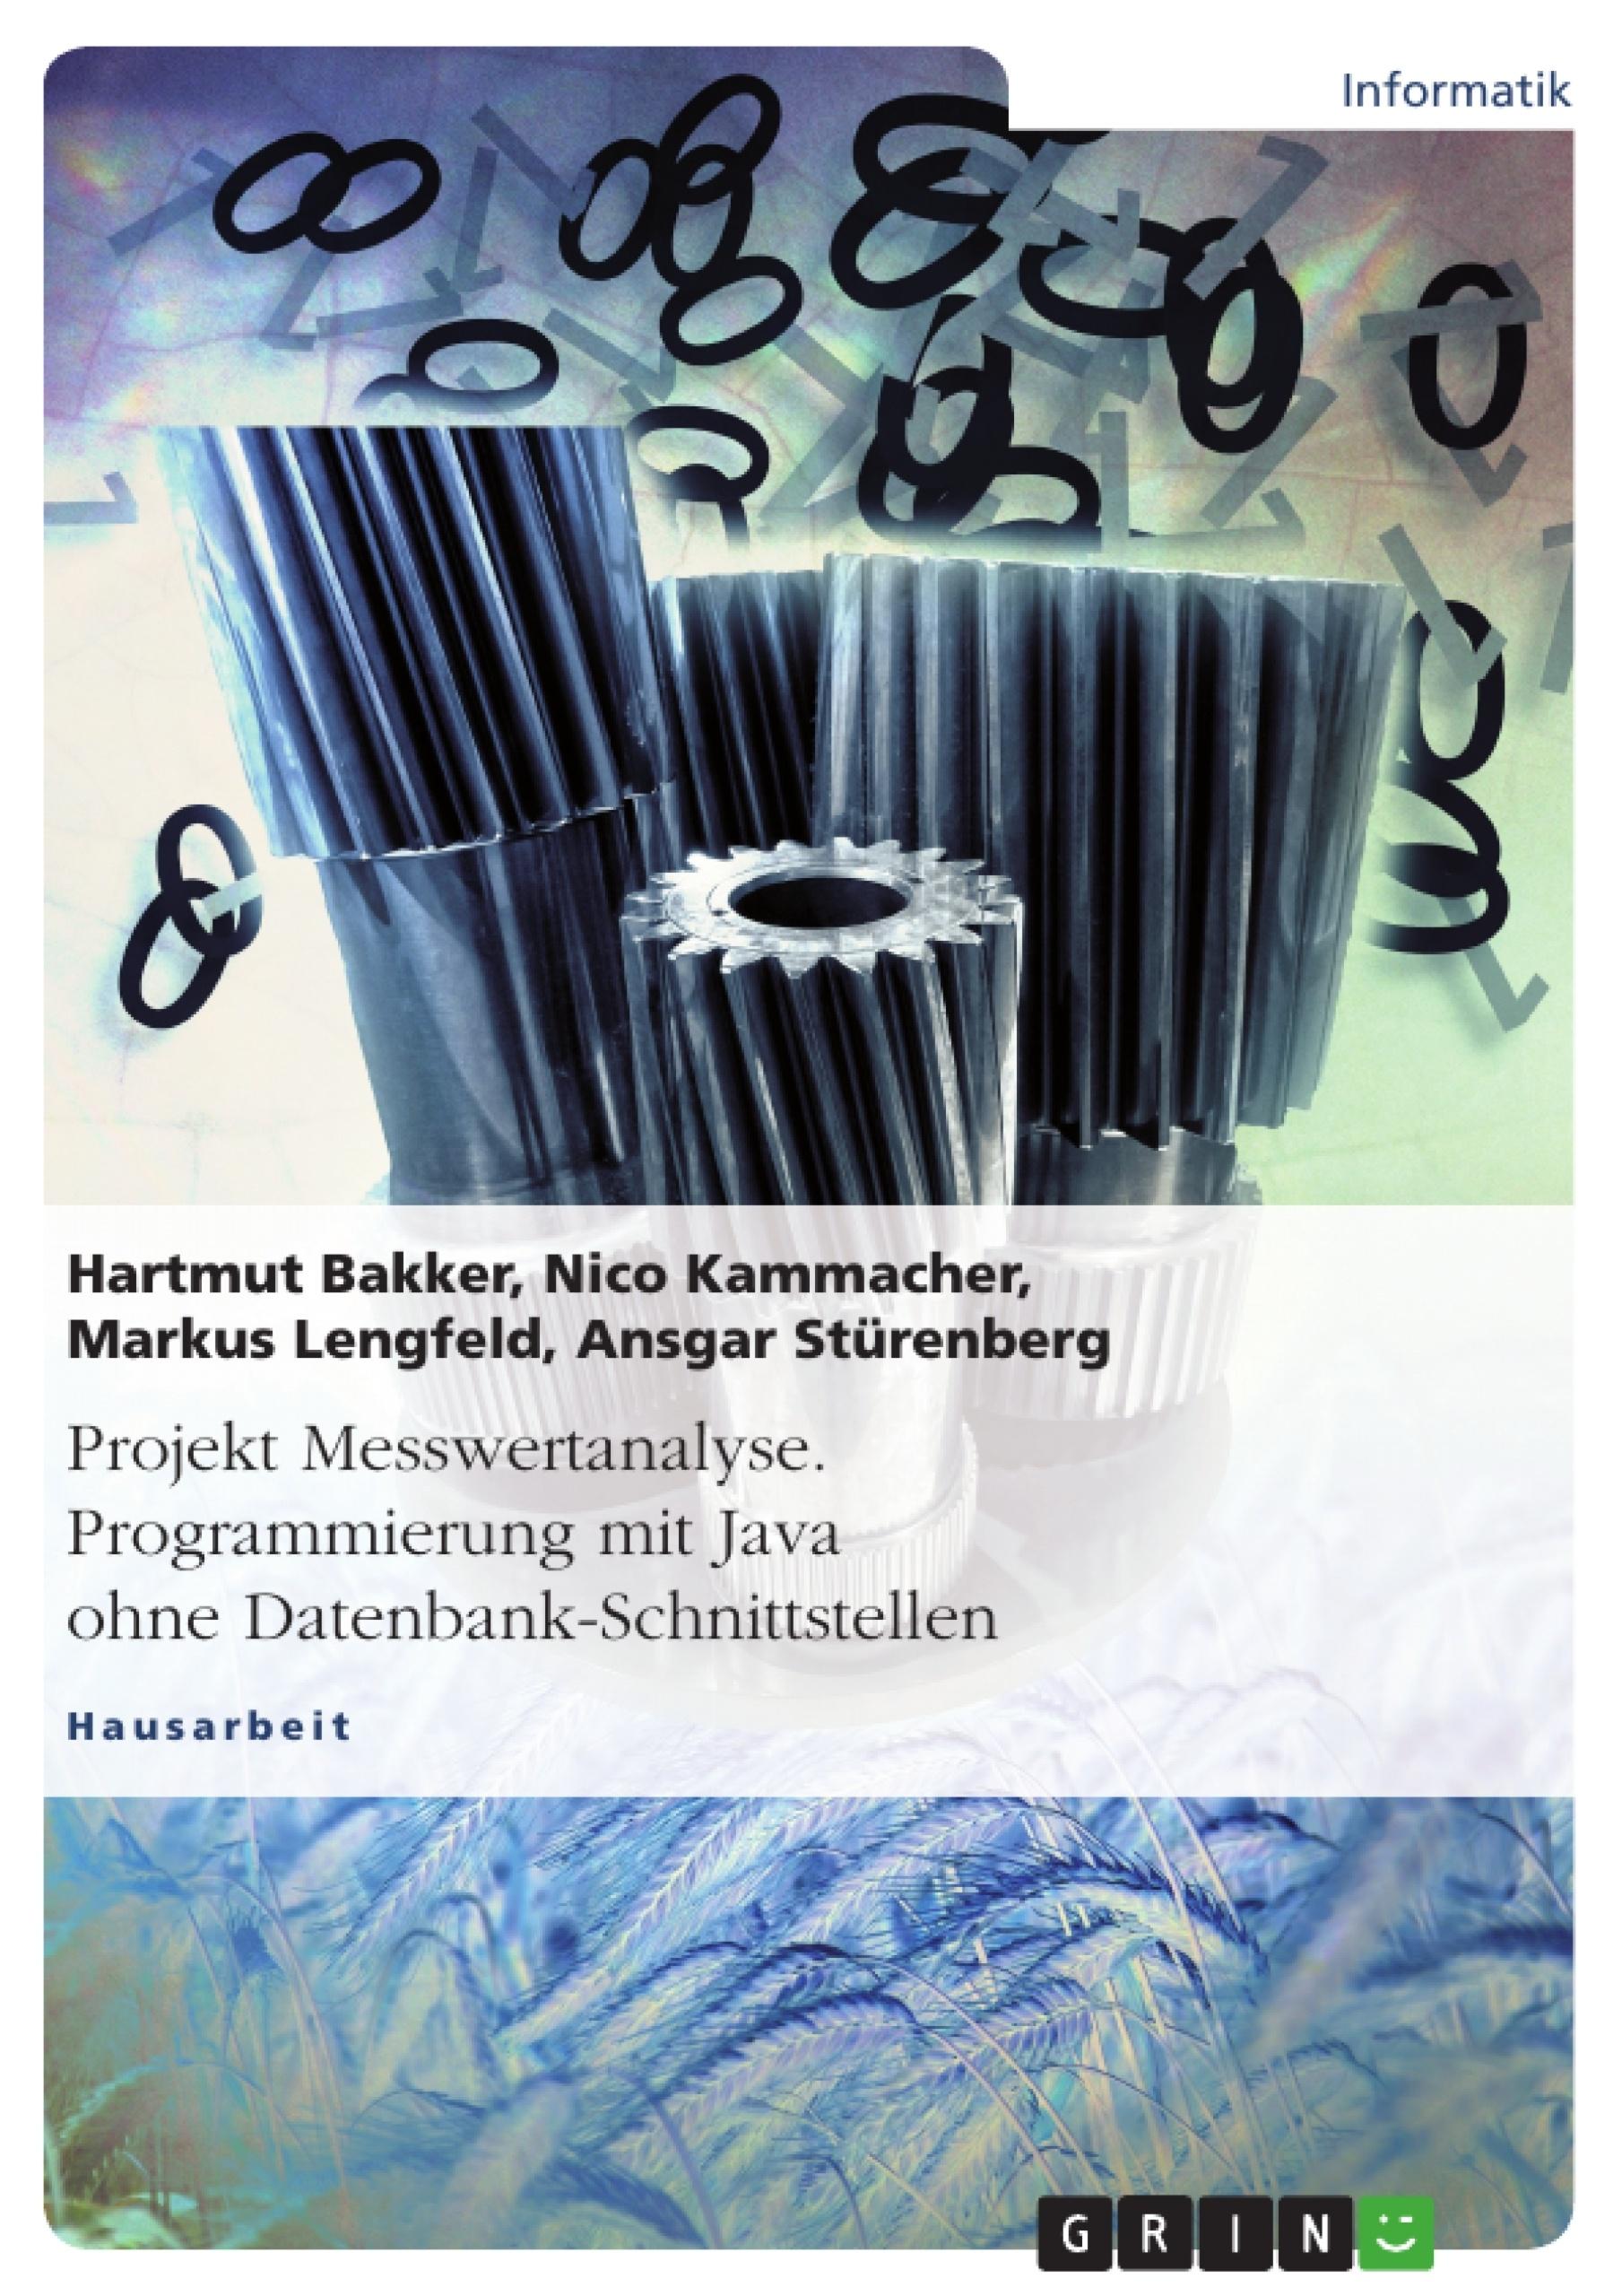 Titel: Projekt Messwertanalyse. Programmierung mit Java ohne Datenbank-Schnittstellen